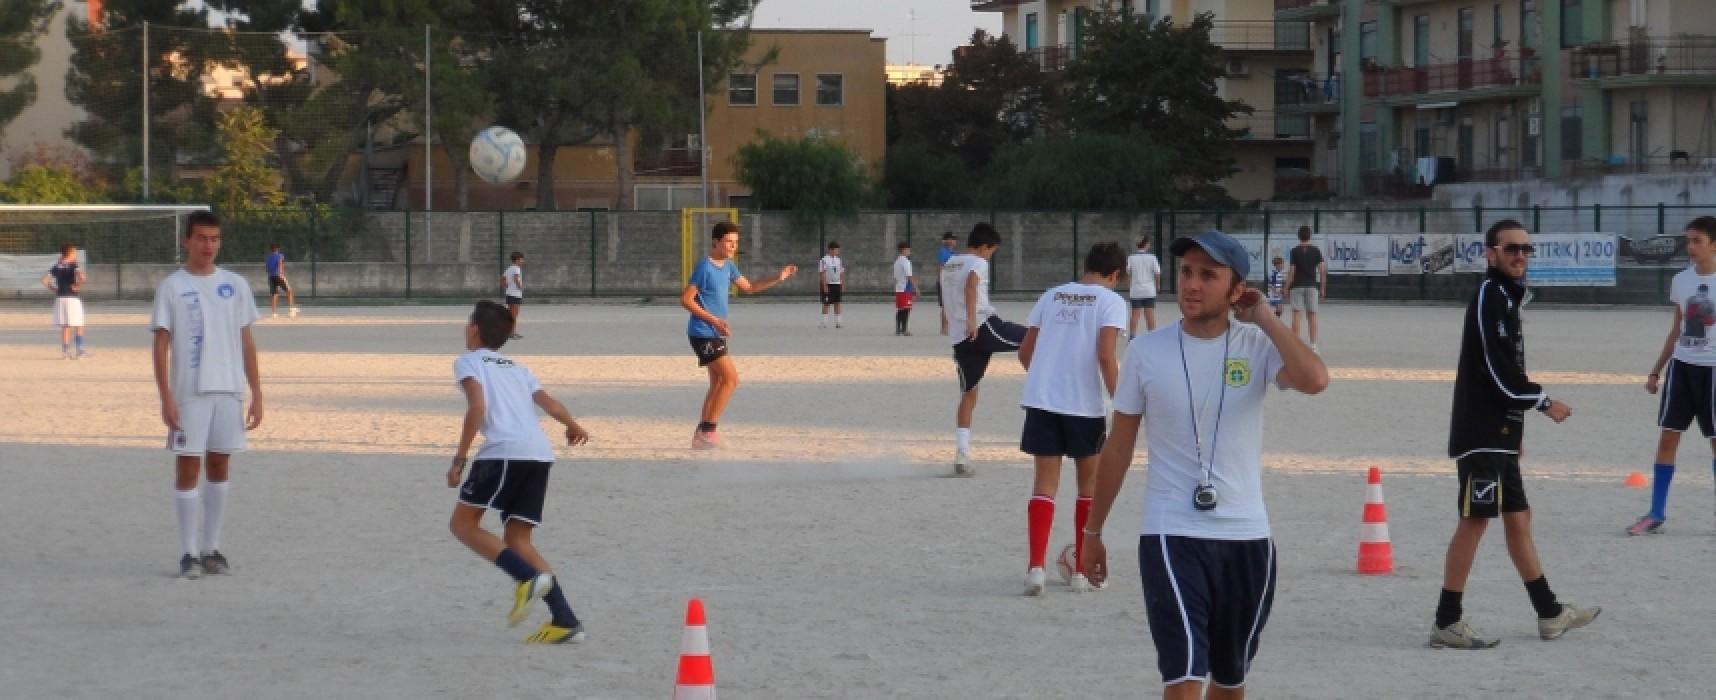 Il settore giovanile dell'Unione Calcio riparte dagli stage